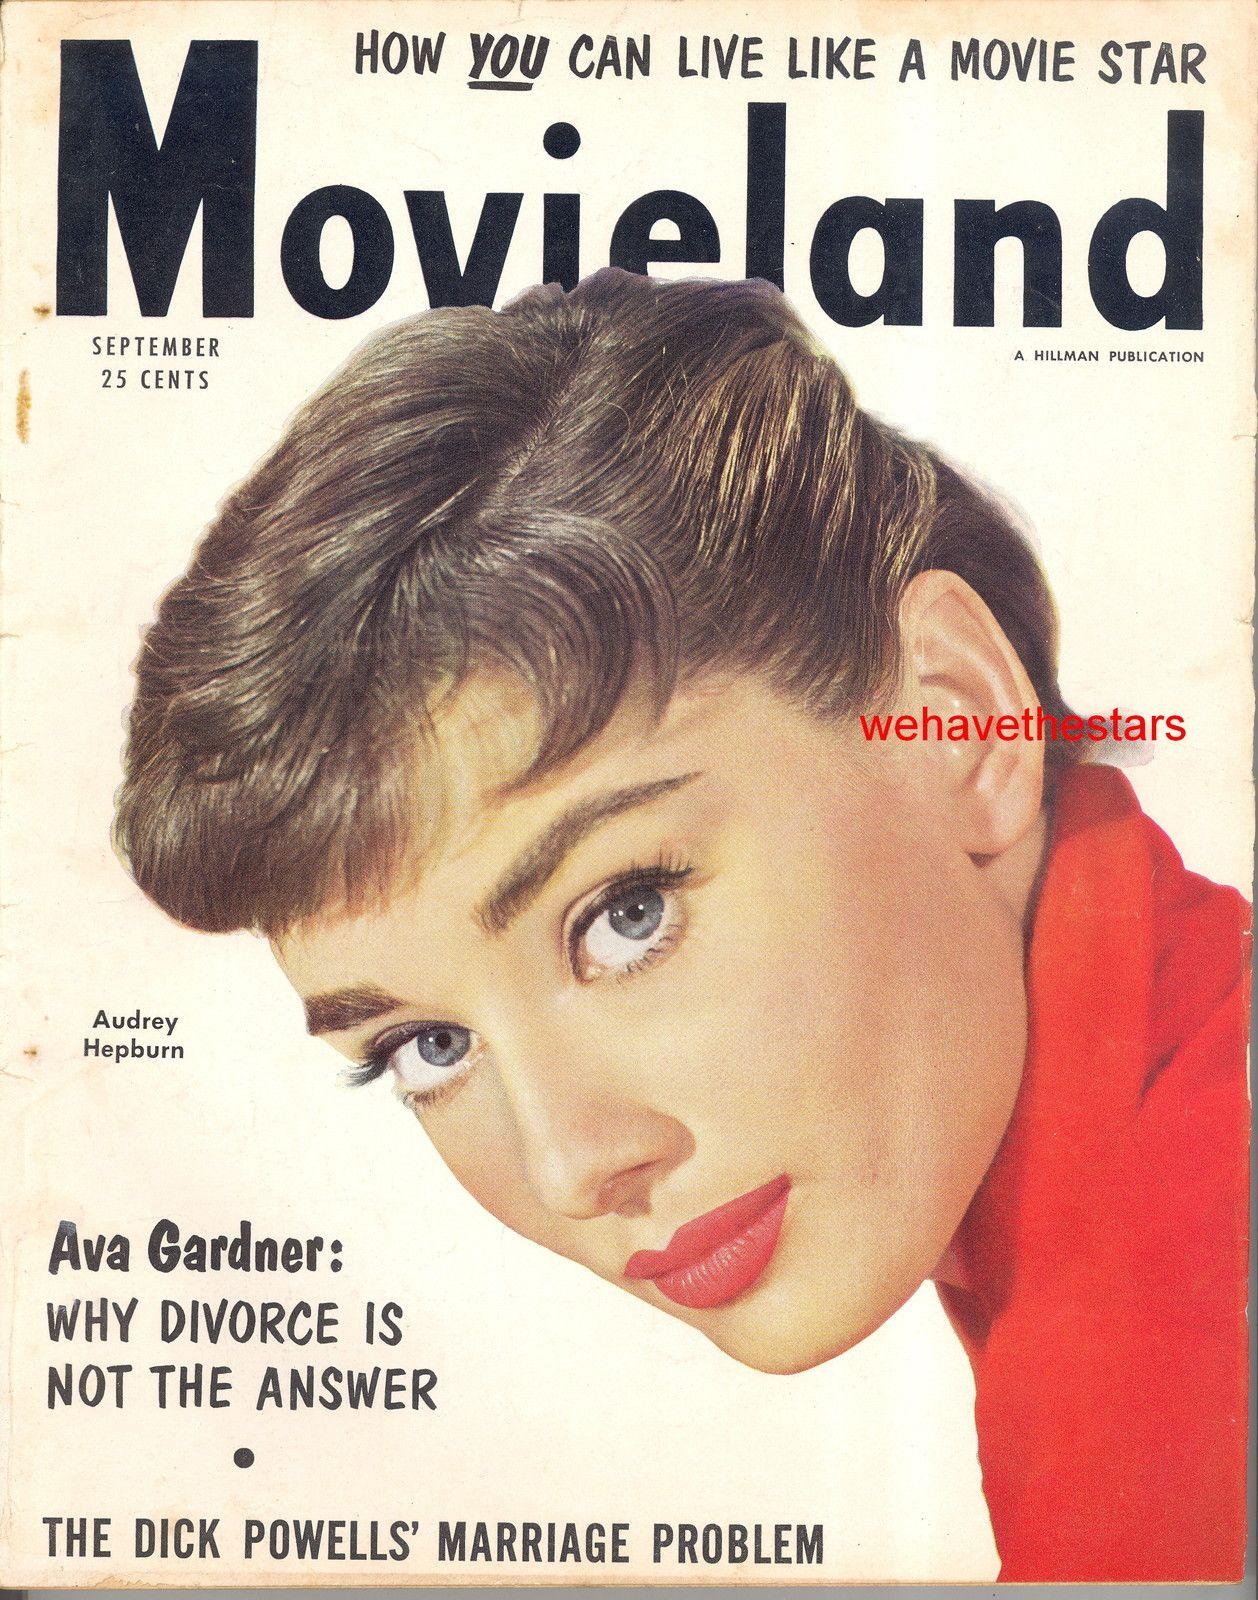 Movieland 9 54 Audrey Hepburn Ava Gardner Jeff Chandler Debra Paget Lex Barker | eBay